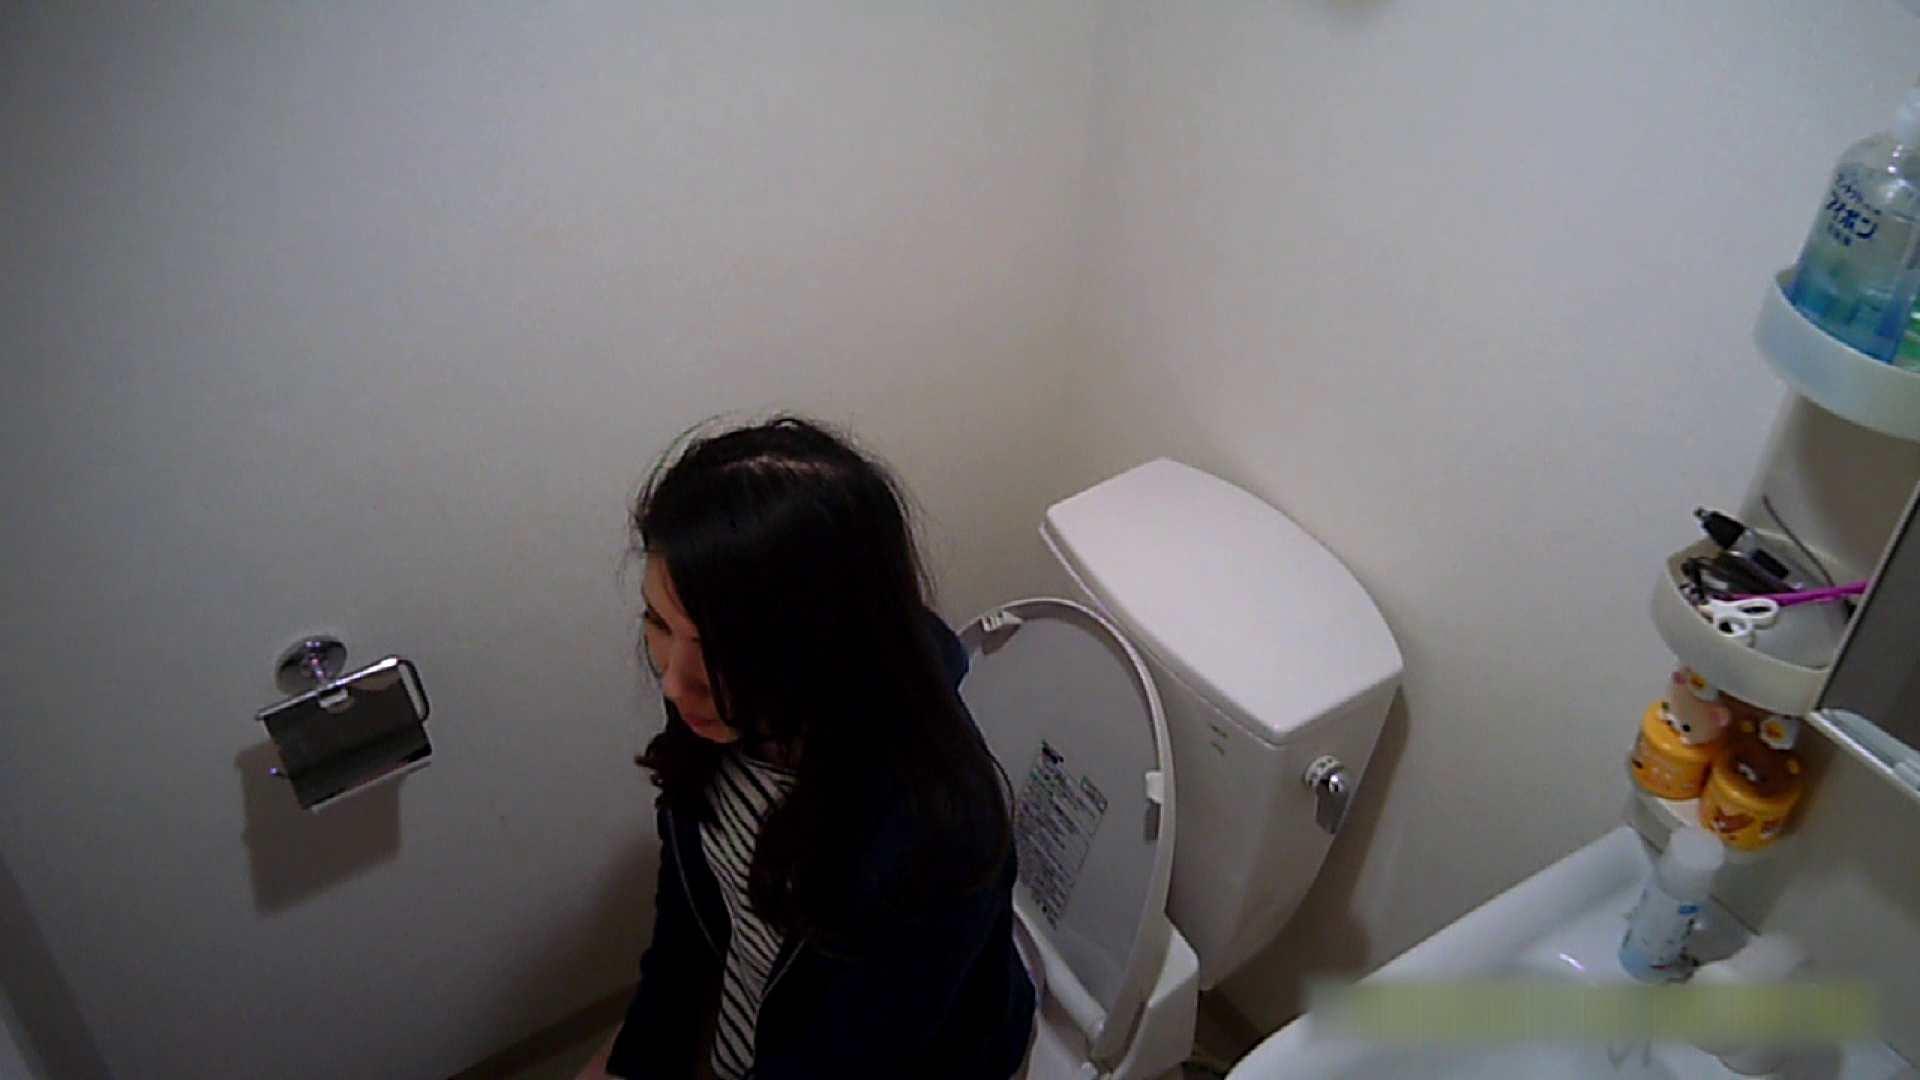 清楚な顔してかなり敏感なE子25歳(仮名)Vol.04 トイレ編 高画質 戯れ無修正画像 62画像 46